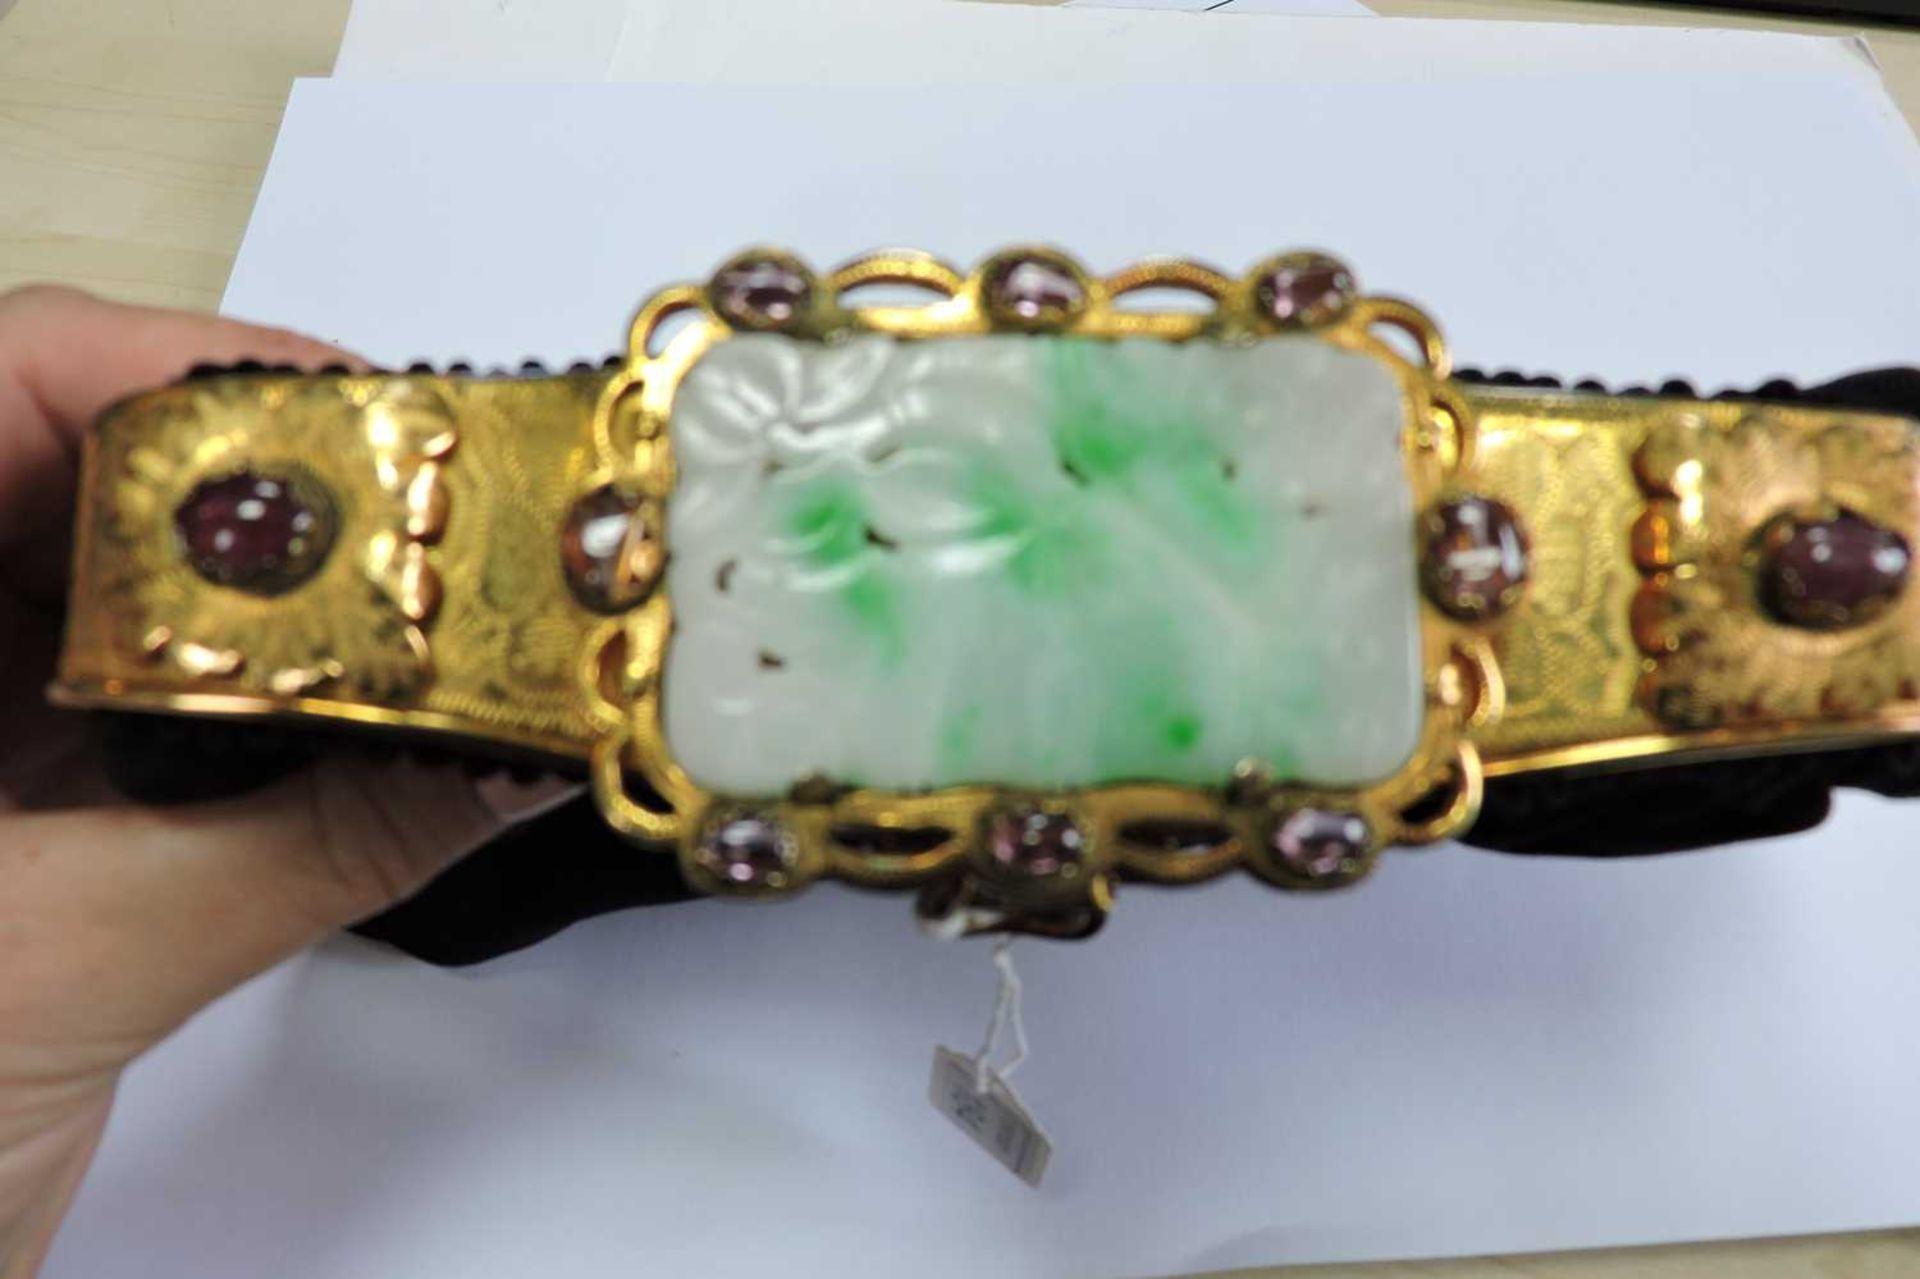 A black grossgrain gem set evening clutch bag, c.1930 - Image 7 of 9